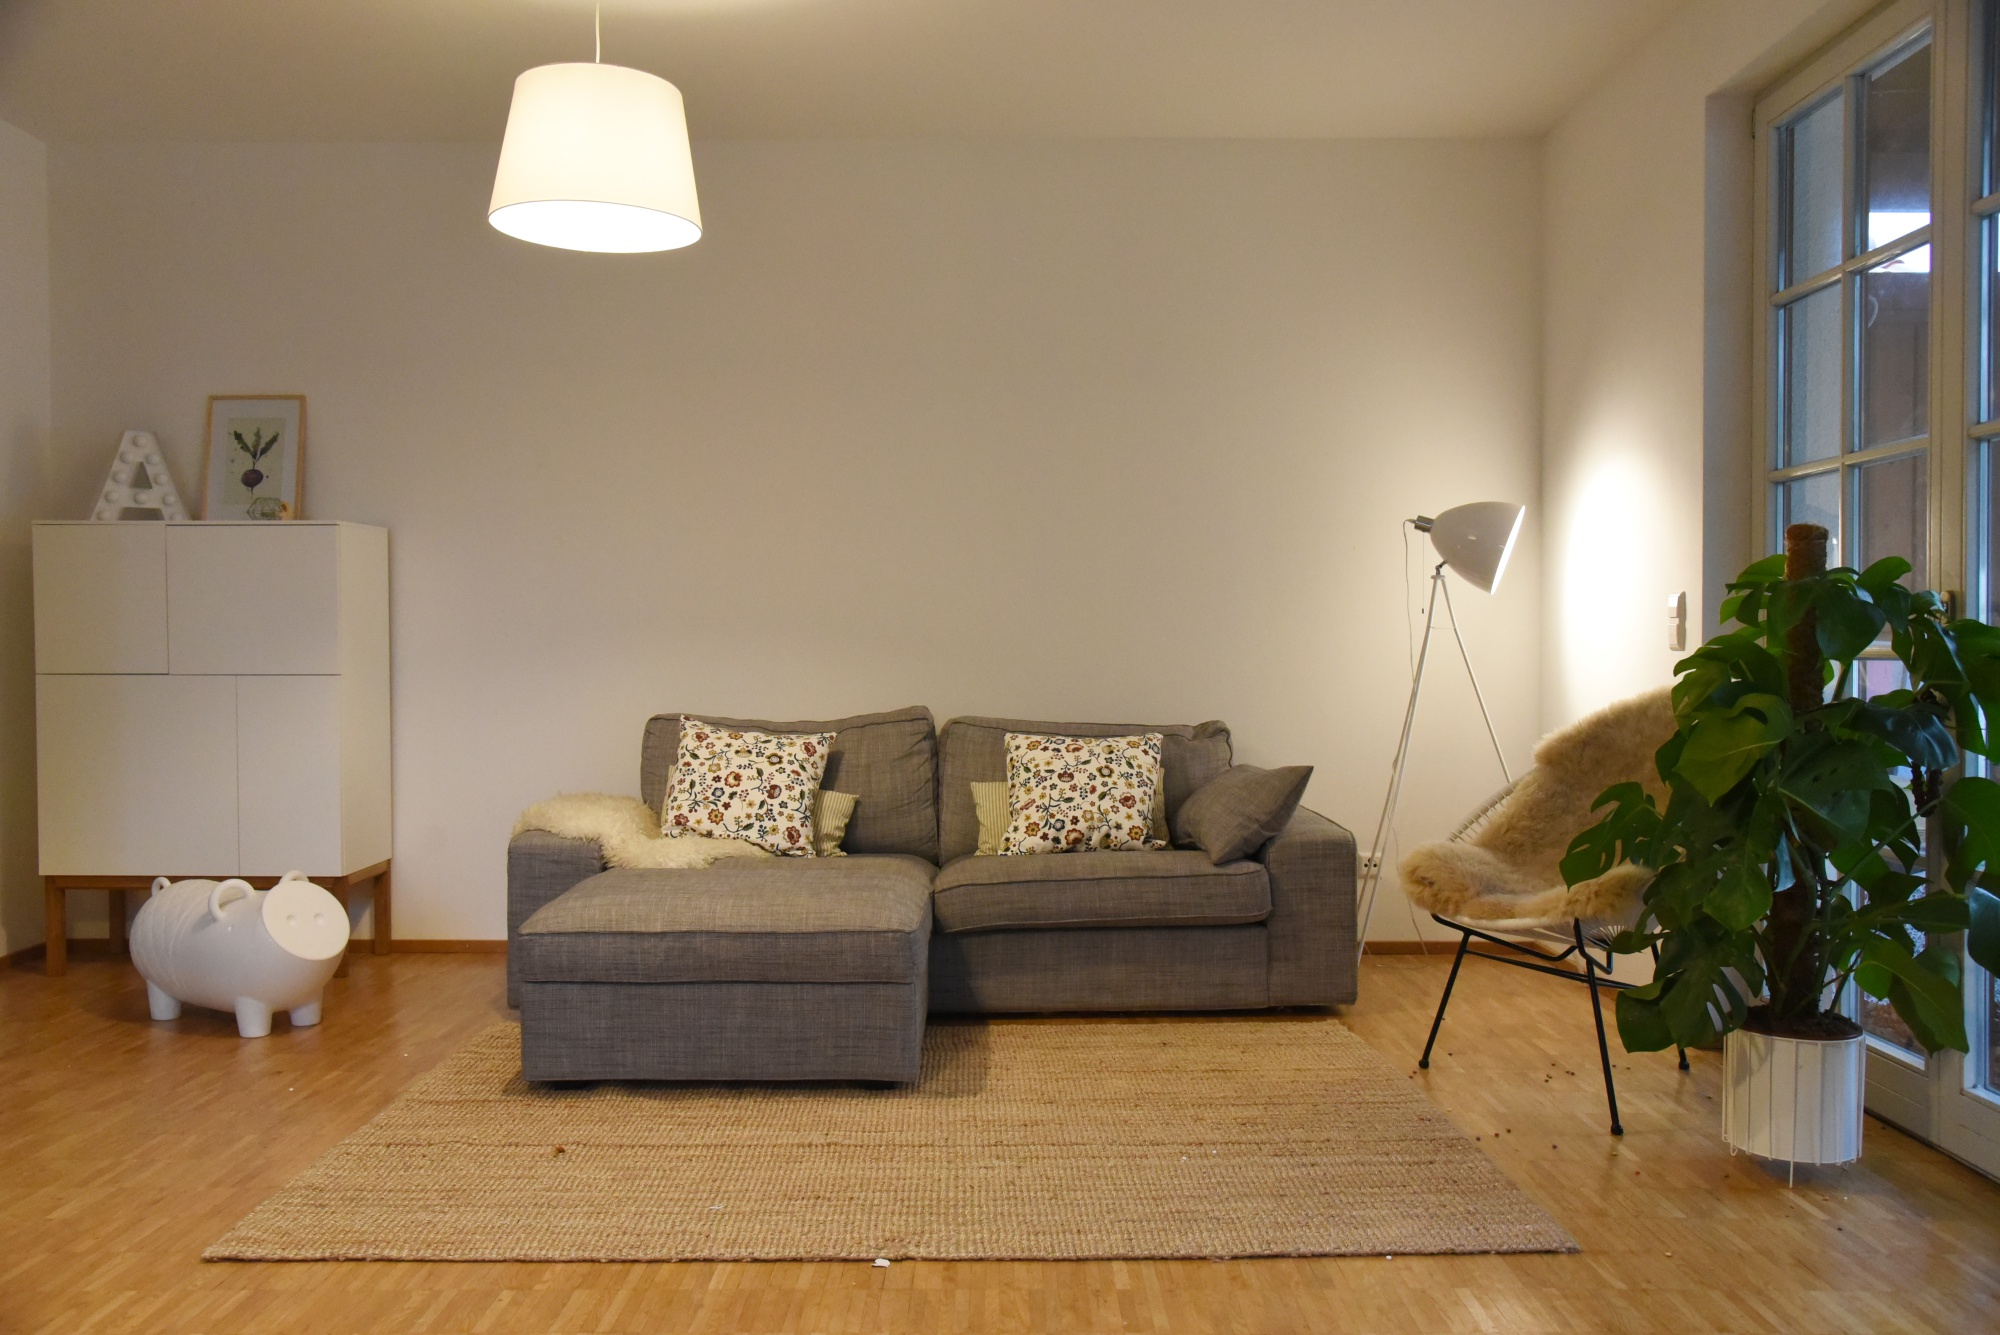 das bisschen haushalt saugen und wischen zur gleichen zeit oh wunderbar blog family. Black Bedroom Furniture Sets. Home Design Ideas